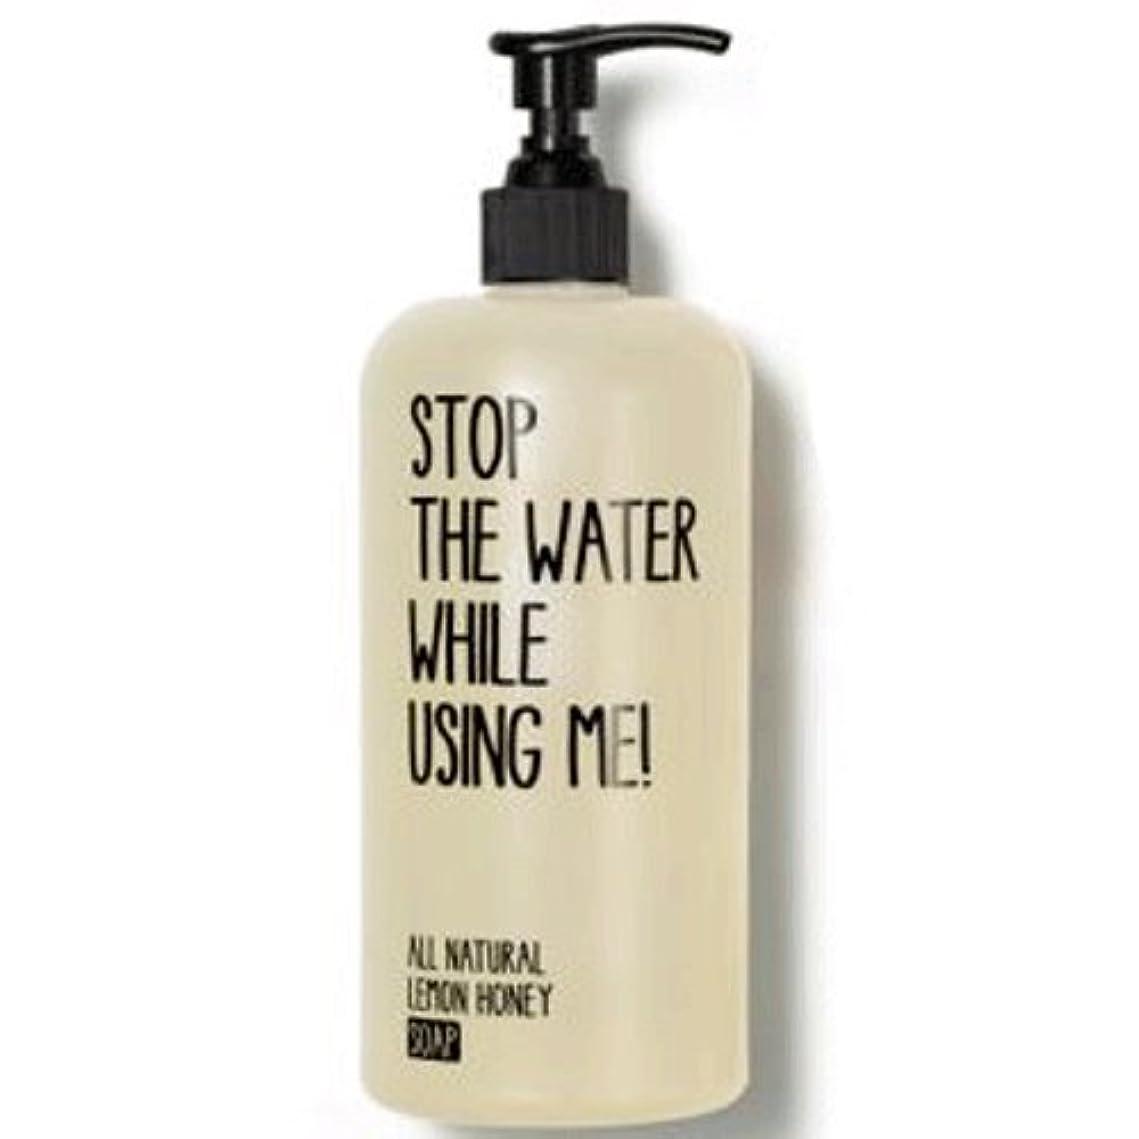 放射性辞書見通し【STOP THE WATER WHILE USING ME!】L&Hソープ(レモン&ハニー) 500ml [並行輸入品]